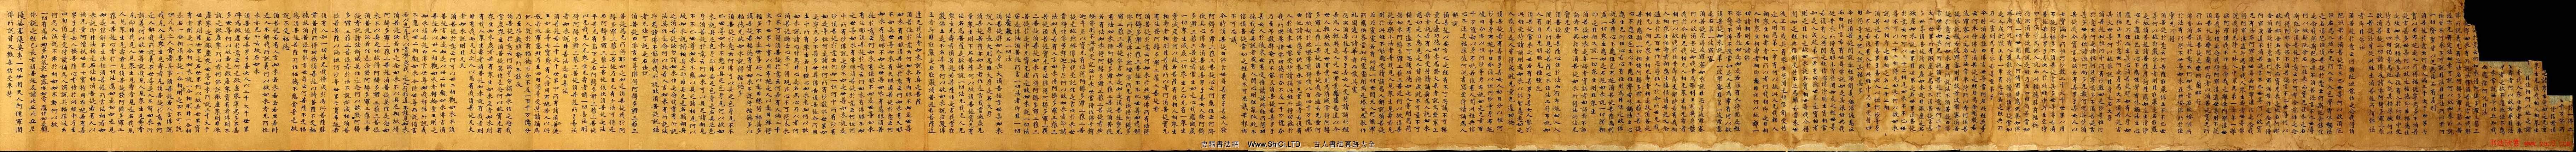 唐楷書《金剛般若波羅蜜經》(全圖)(共24張圖片)